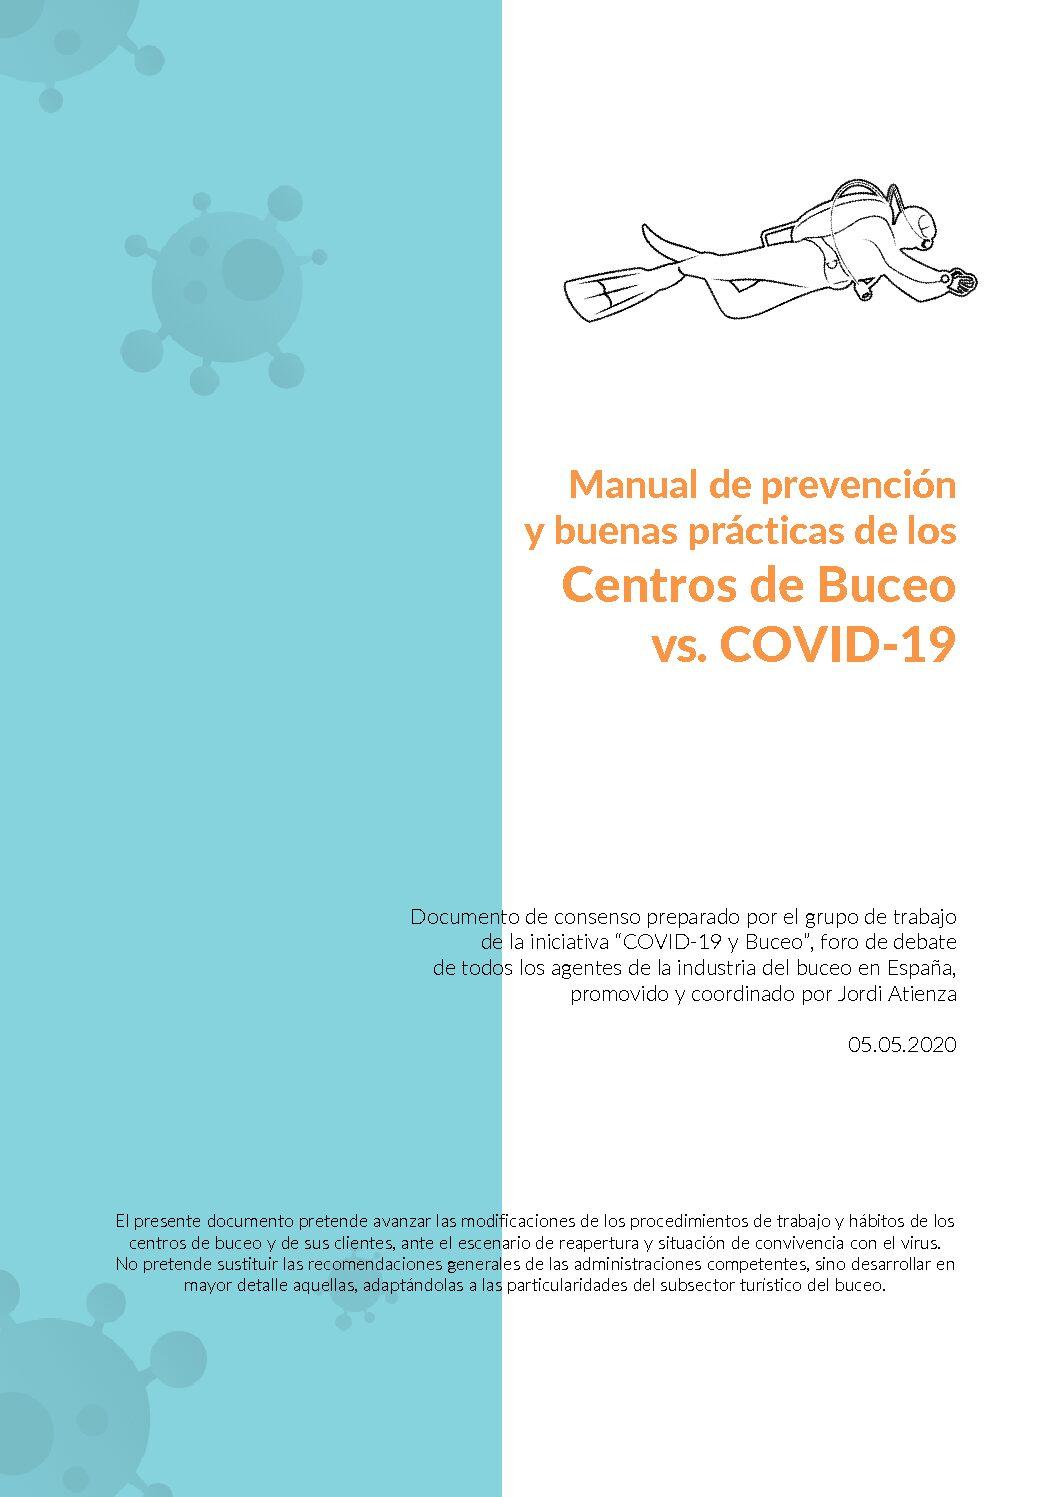 CENTROS-BUCEO_COVID19_ManualPrevencion-pdf